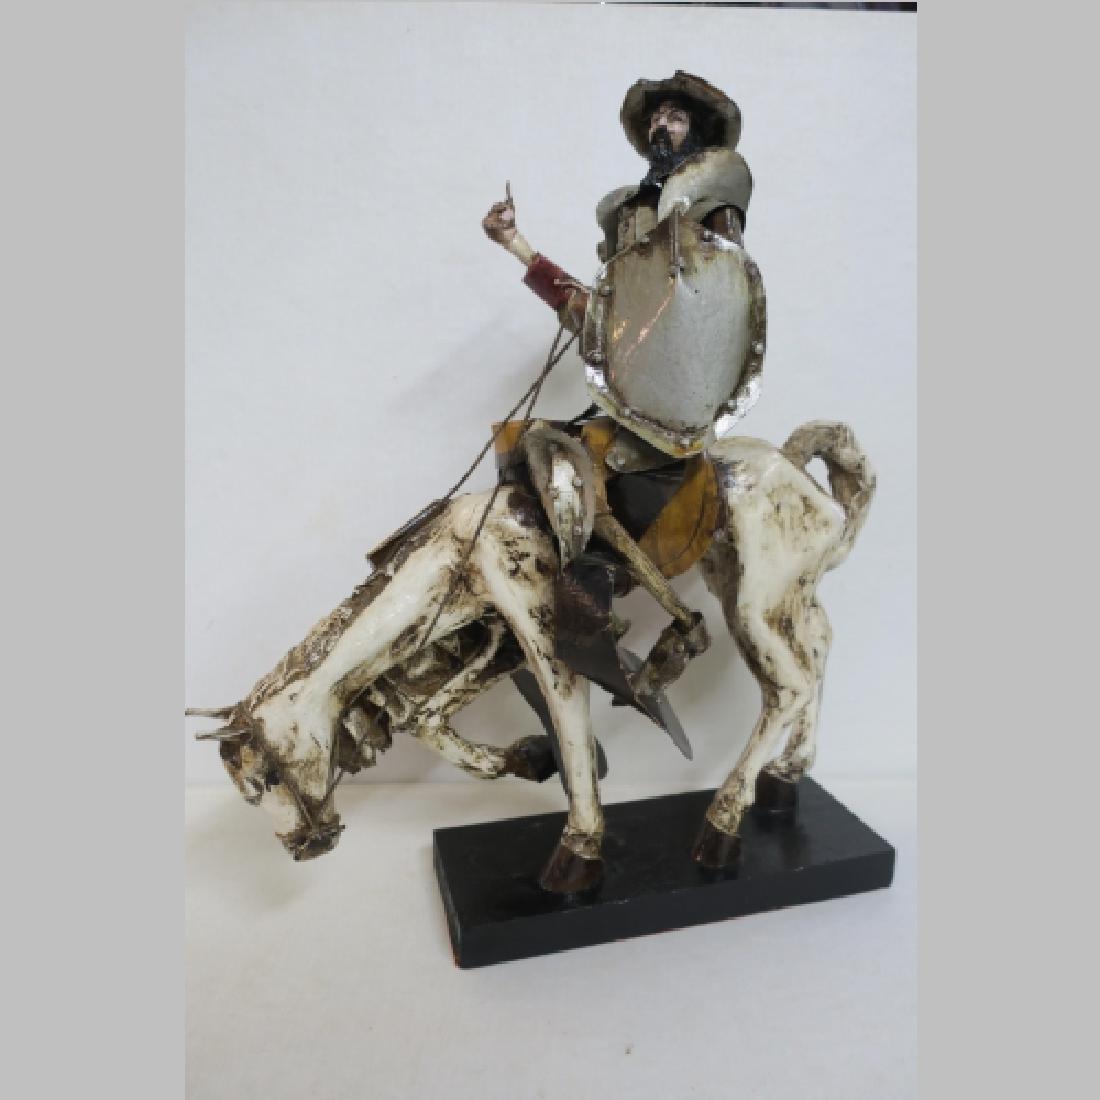 Paper Mache Don Quixote on Rocinante: